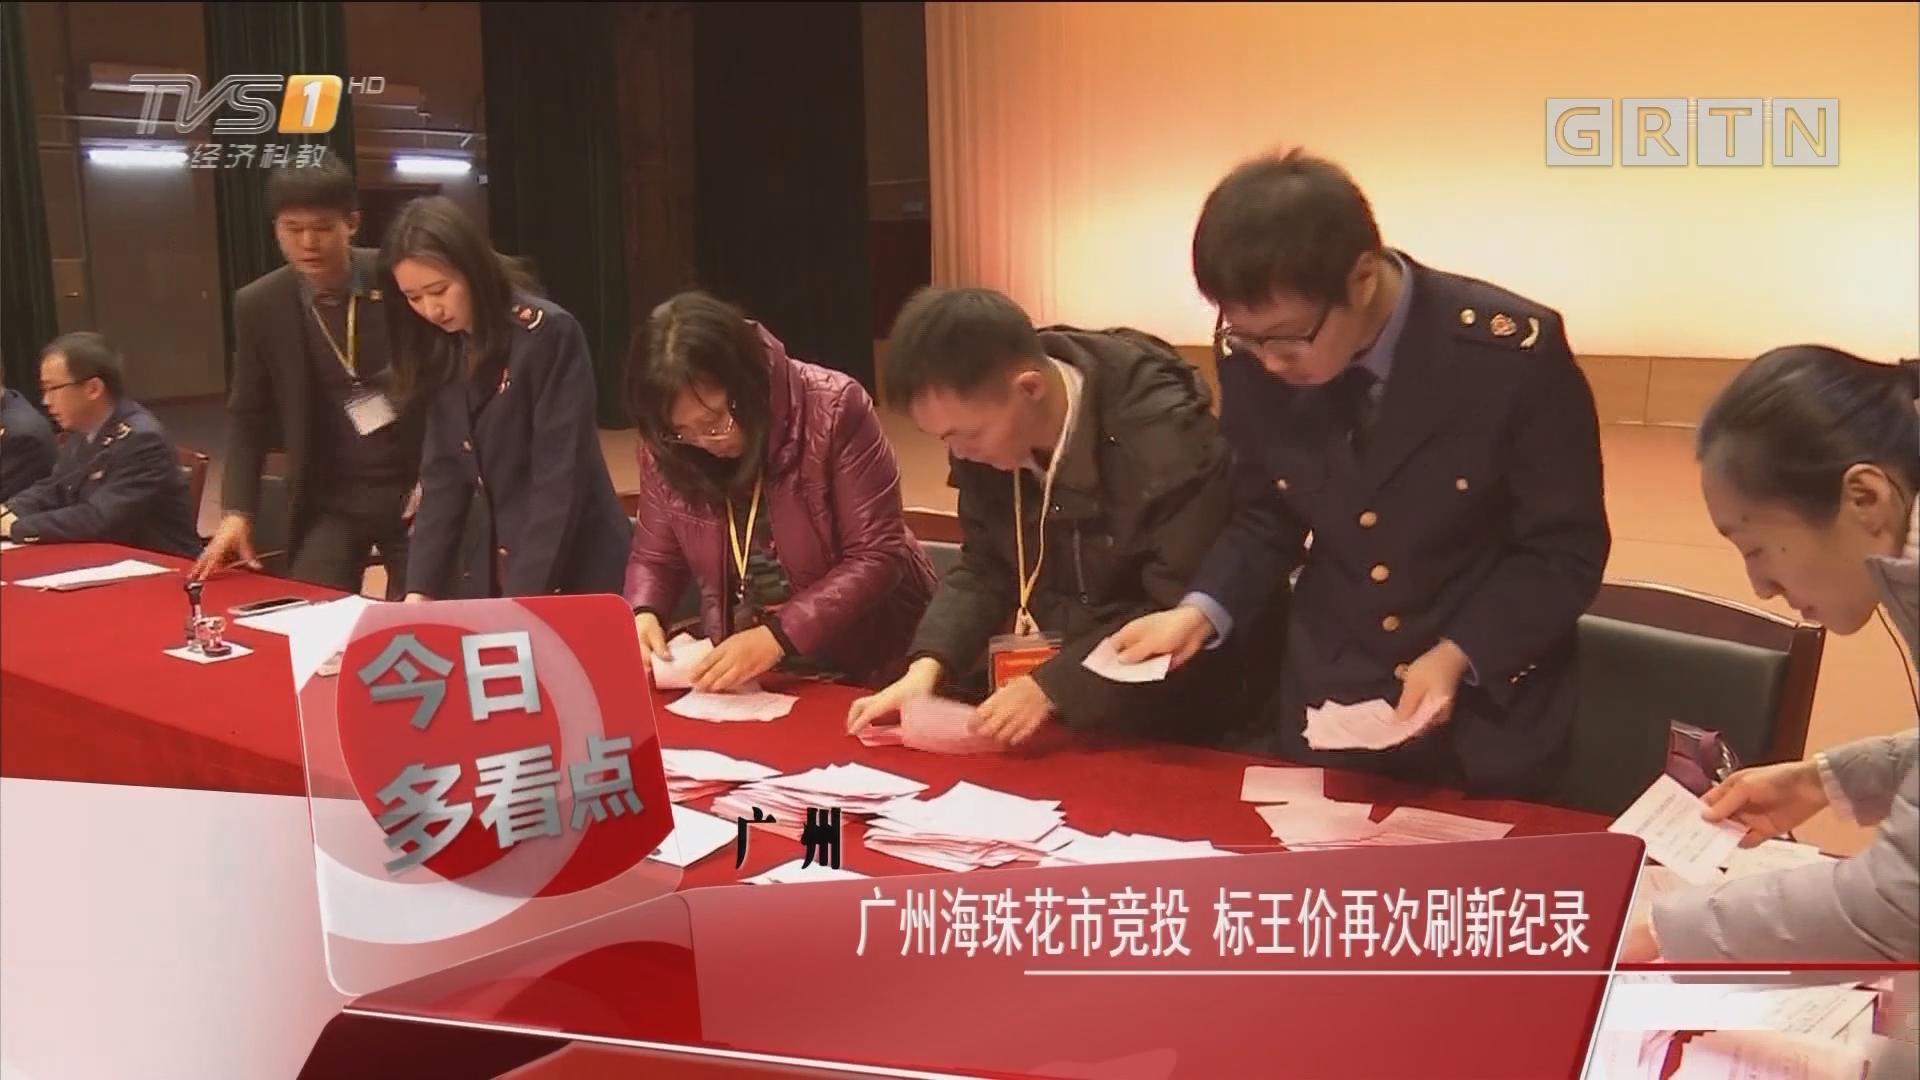 广州:广州海珠花市竞投 标王价再次刷新纪录